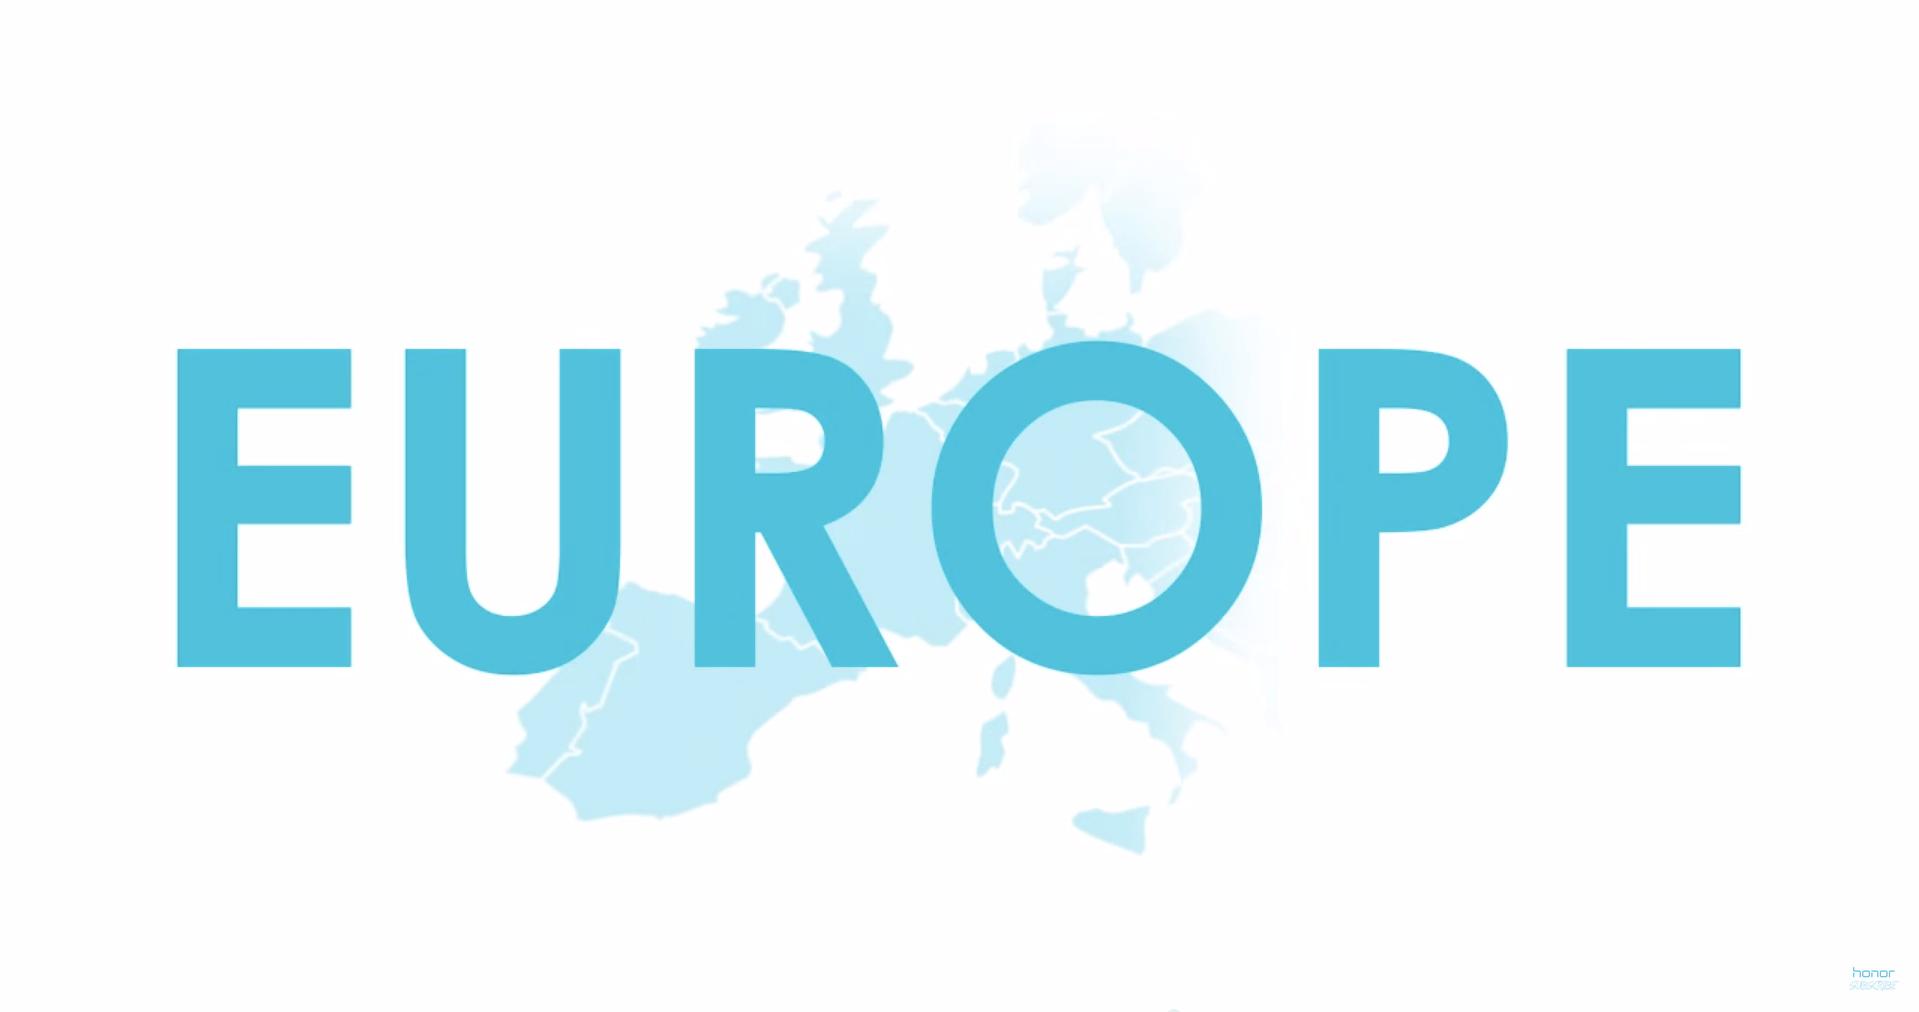 La Commission européenne complexifie la fin du roaming prévue en juin 2017